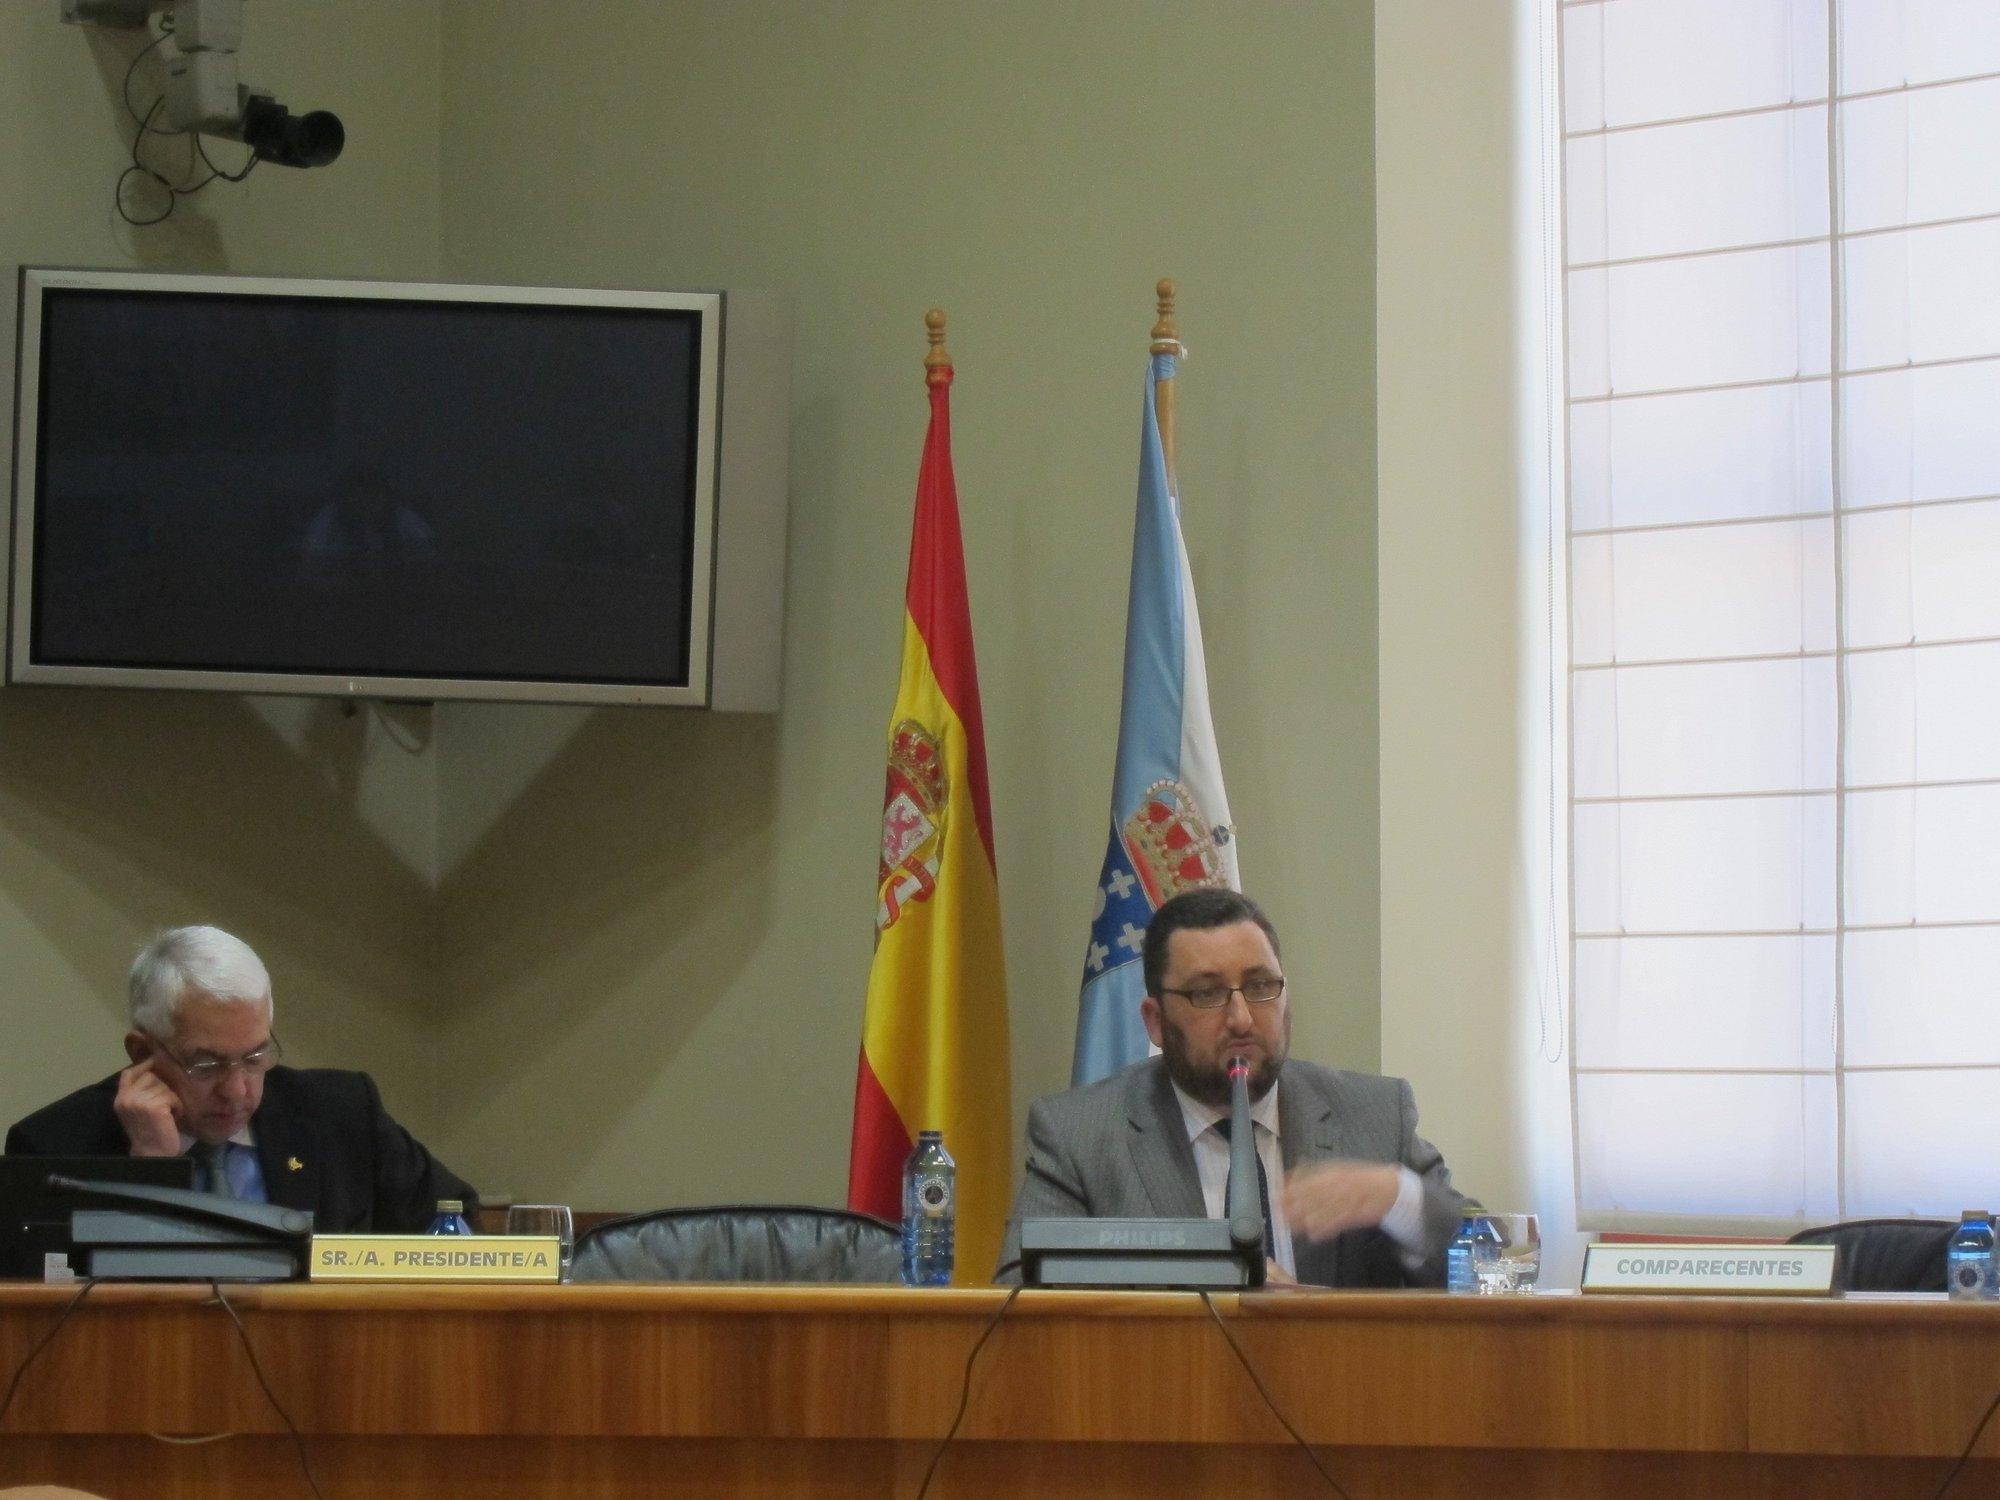 La Xunta tomará las «decisiones oportunas» sobre un modelo territorial «más eficiente» tras su «debate» en el Estado